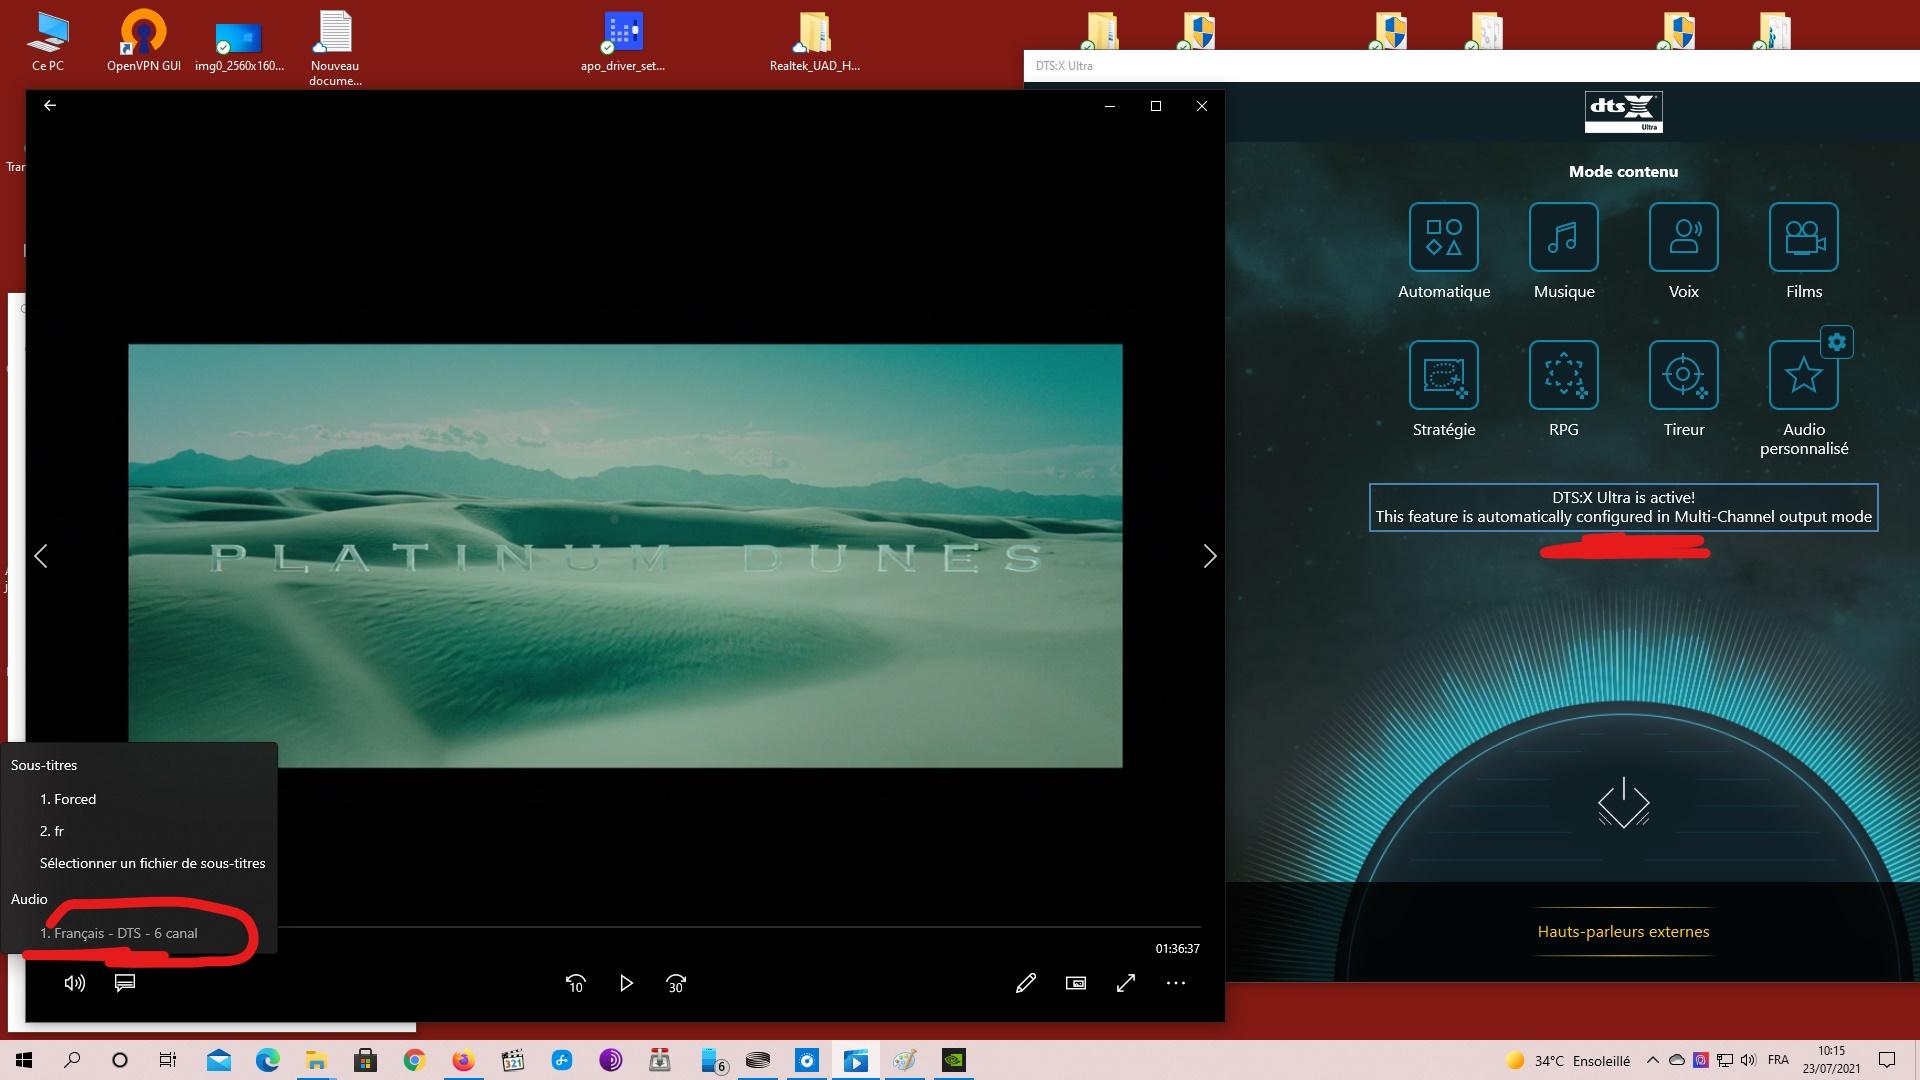 Desktop Screenshot 2021.07.23 - 10.15.42.06_LI.jpg